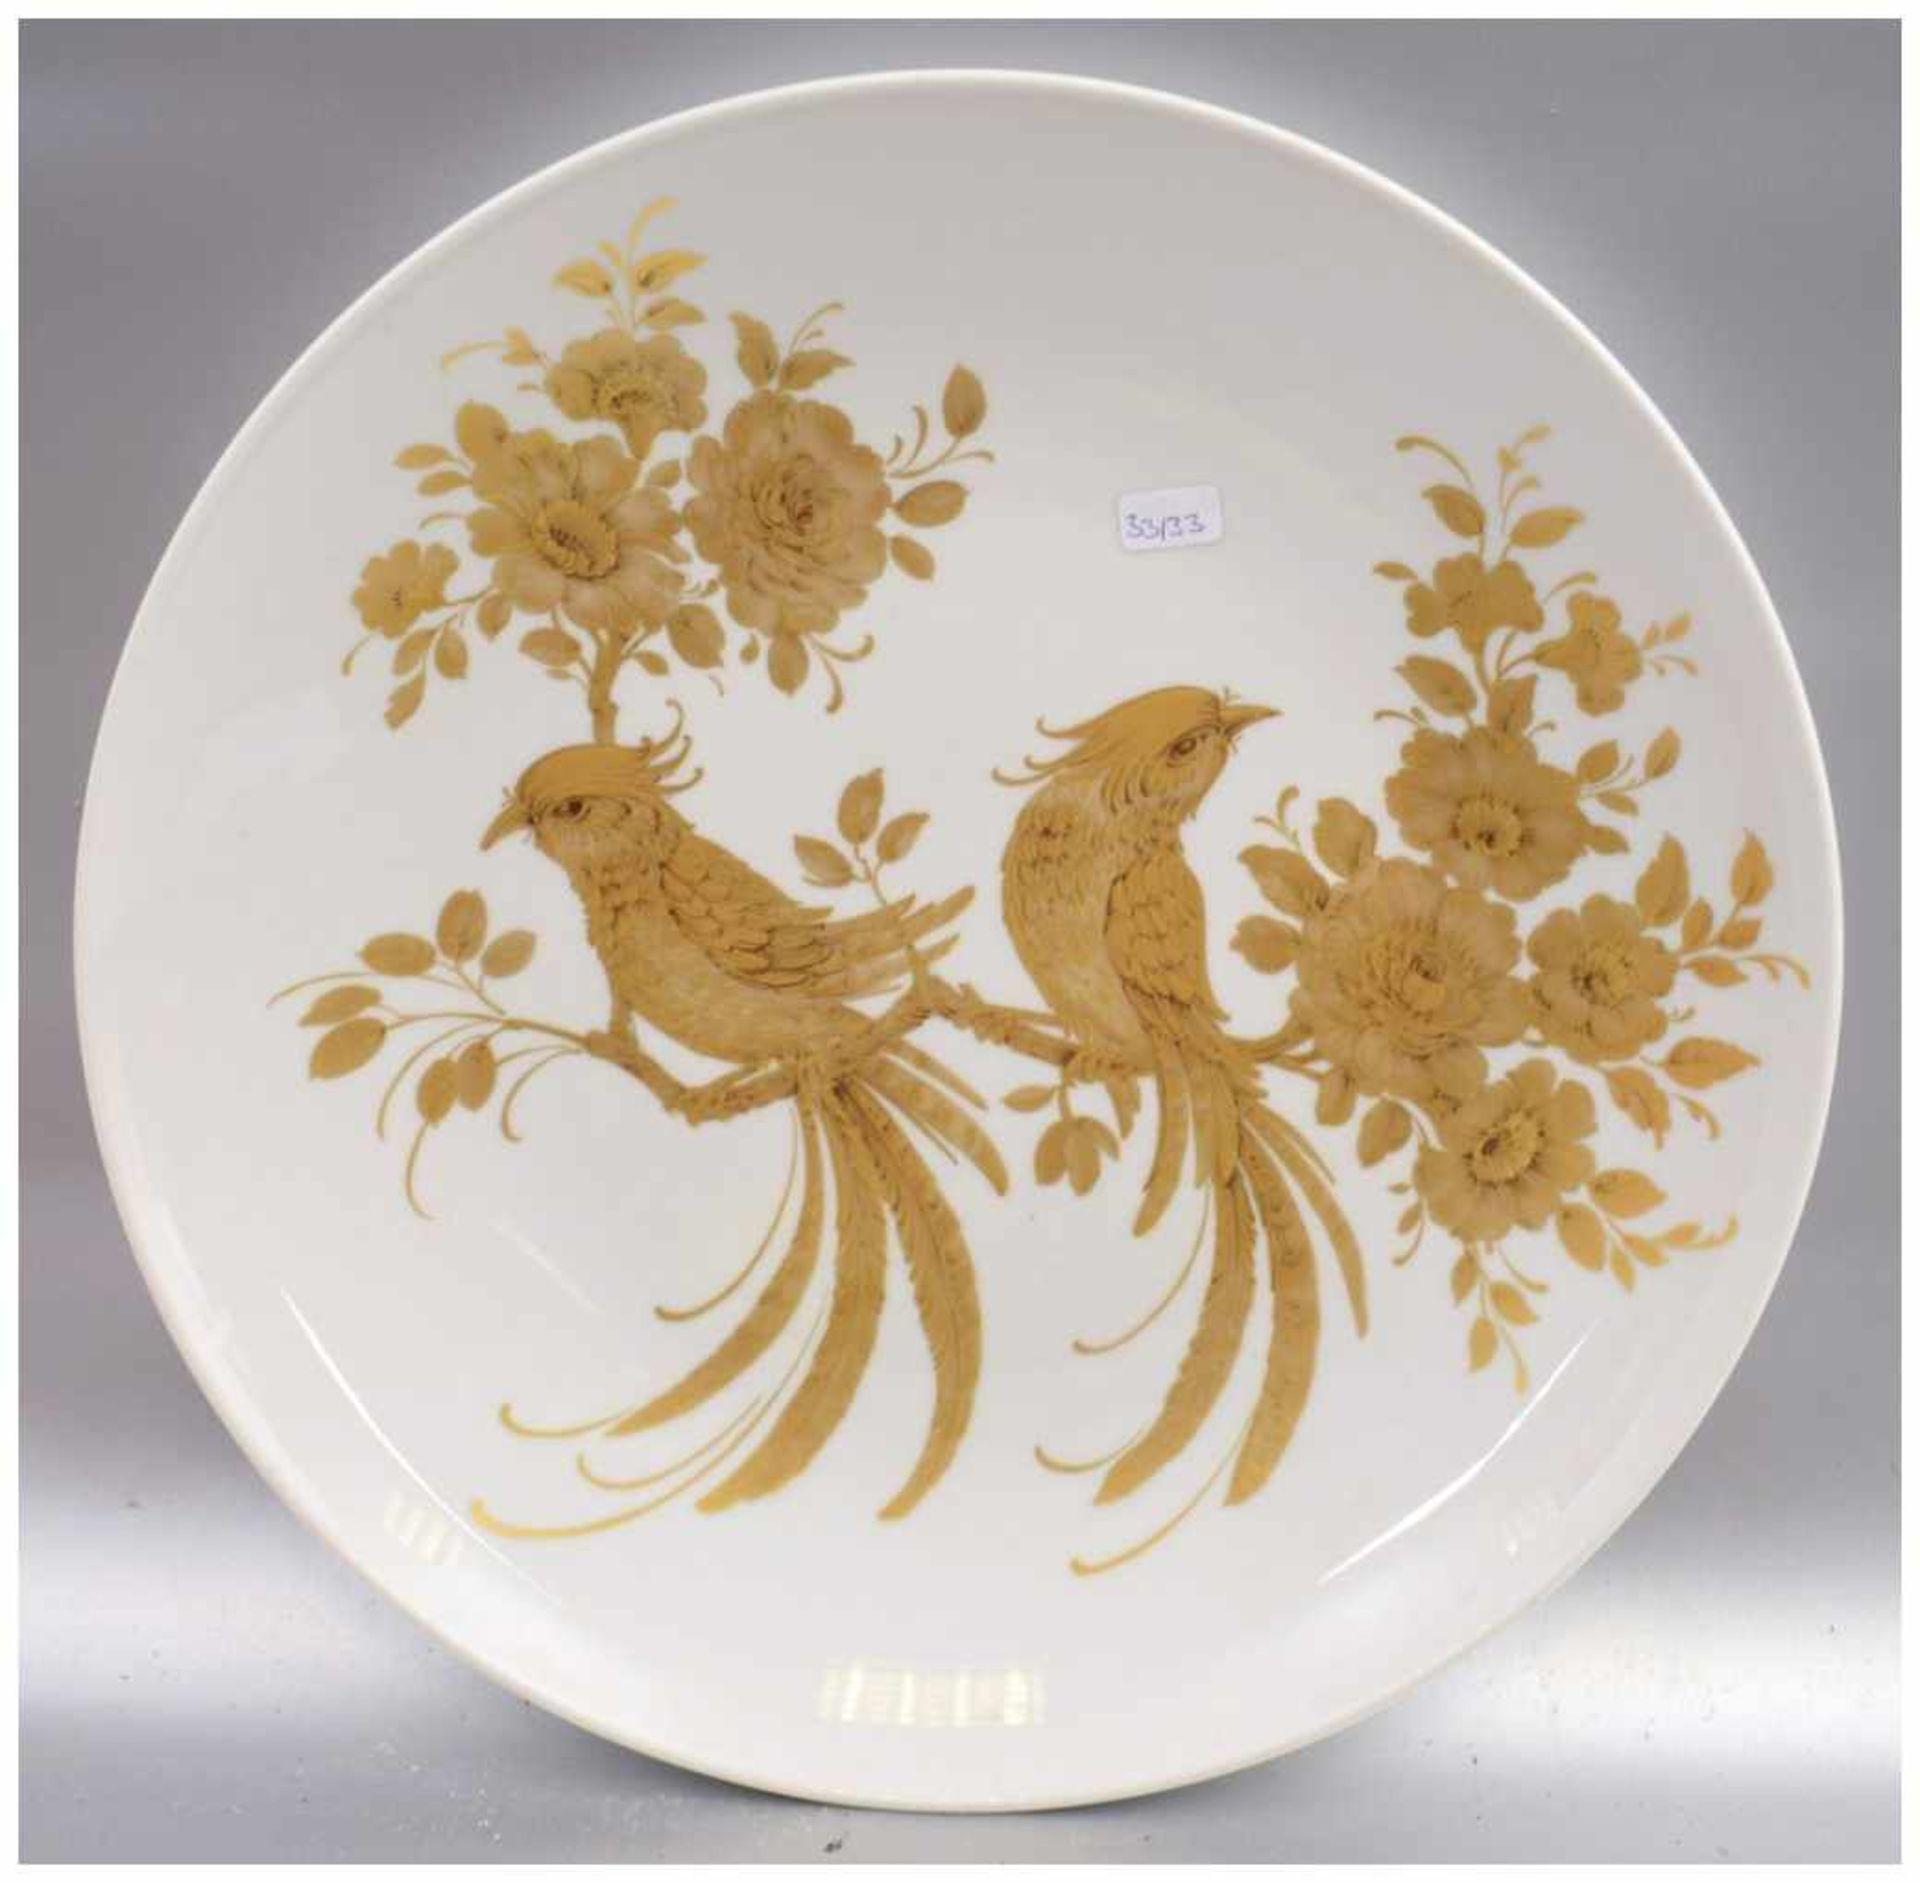 Los 55 - Wandteller rund, Spiegel mit Blumen- und Vogelmotiven gold bemalt, Dm 30 cm, FM Kaiser